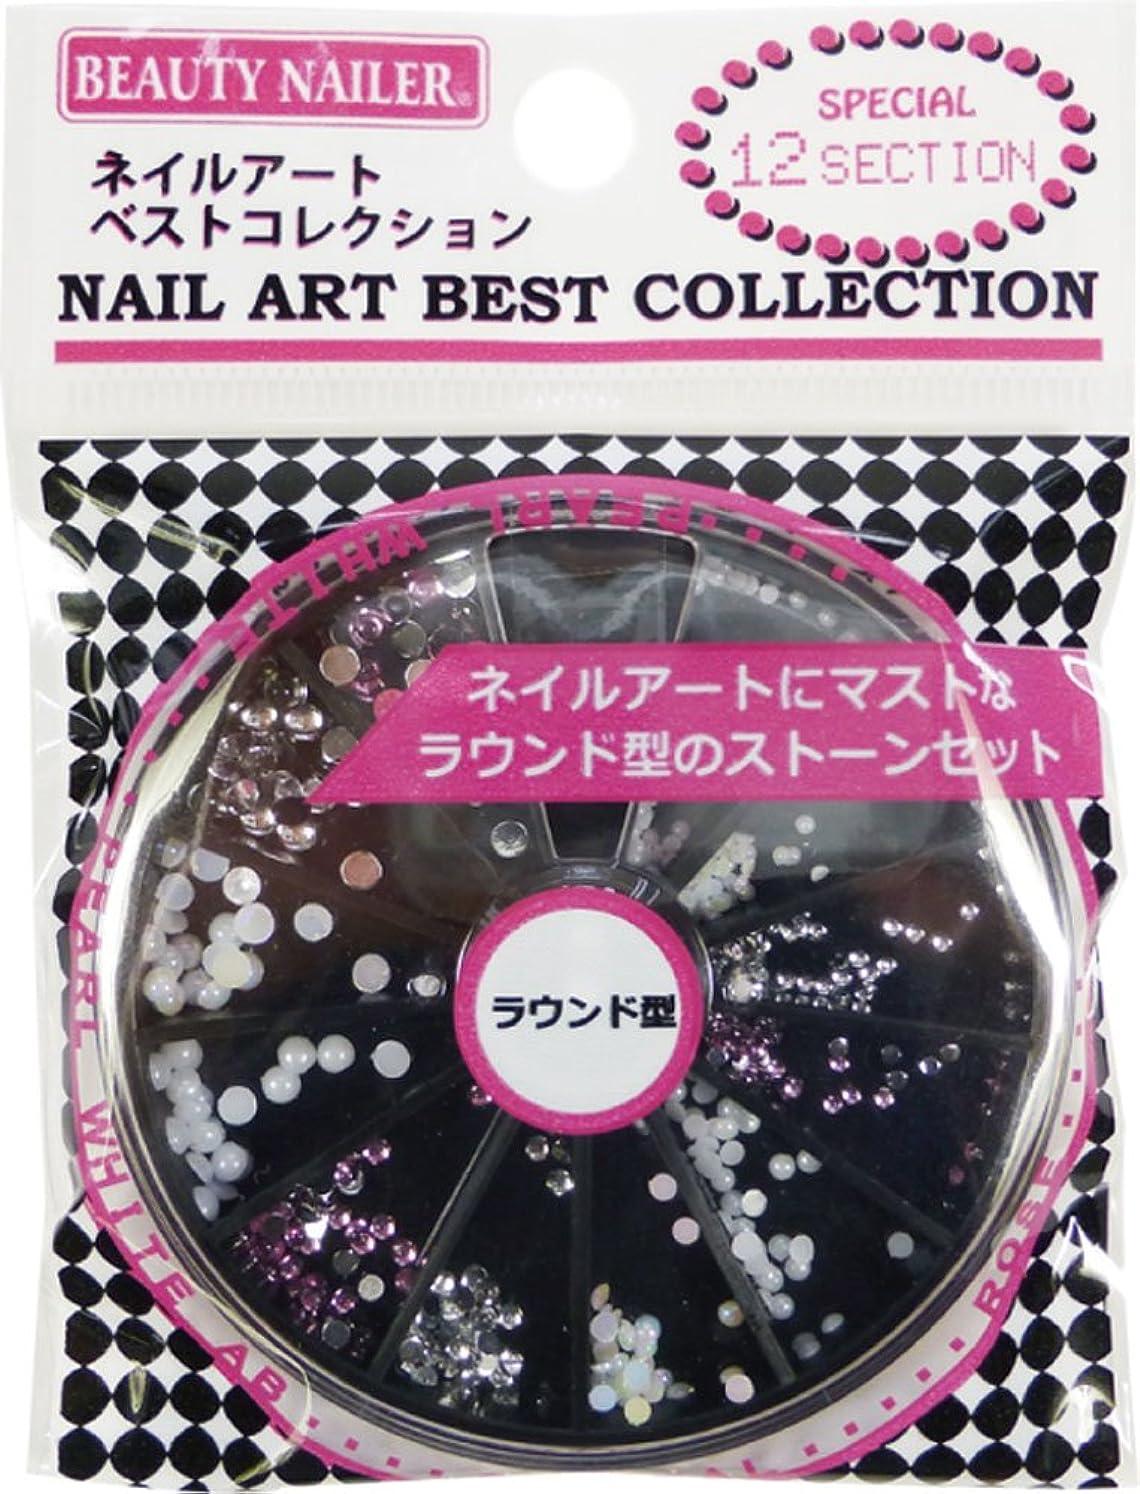 フェミニンページェント泥だらけビューティーネイラー ネイル用ストーン ネイルアートベストコレクション NAA-45